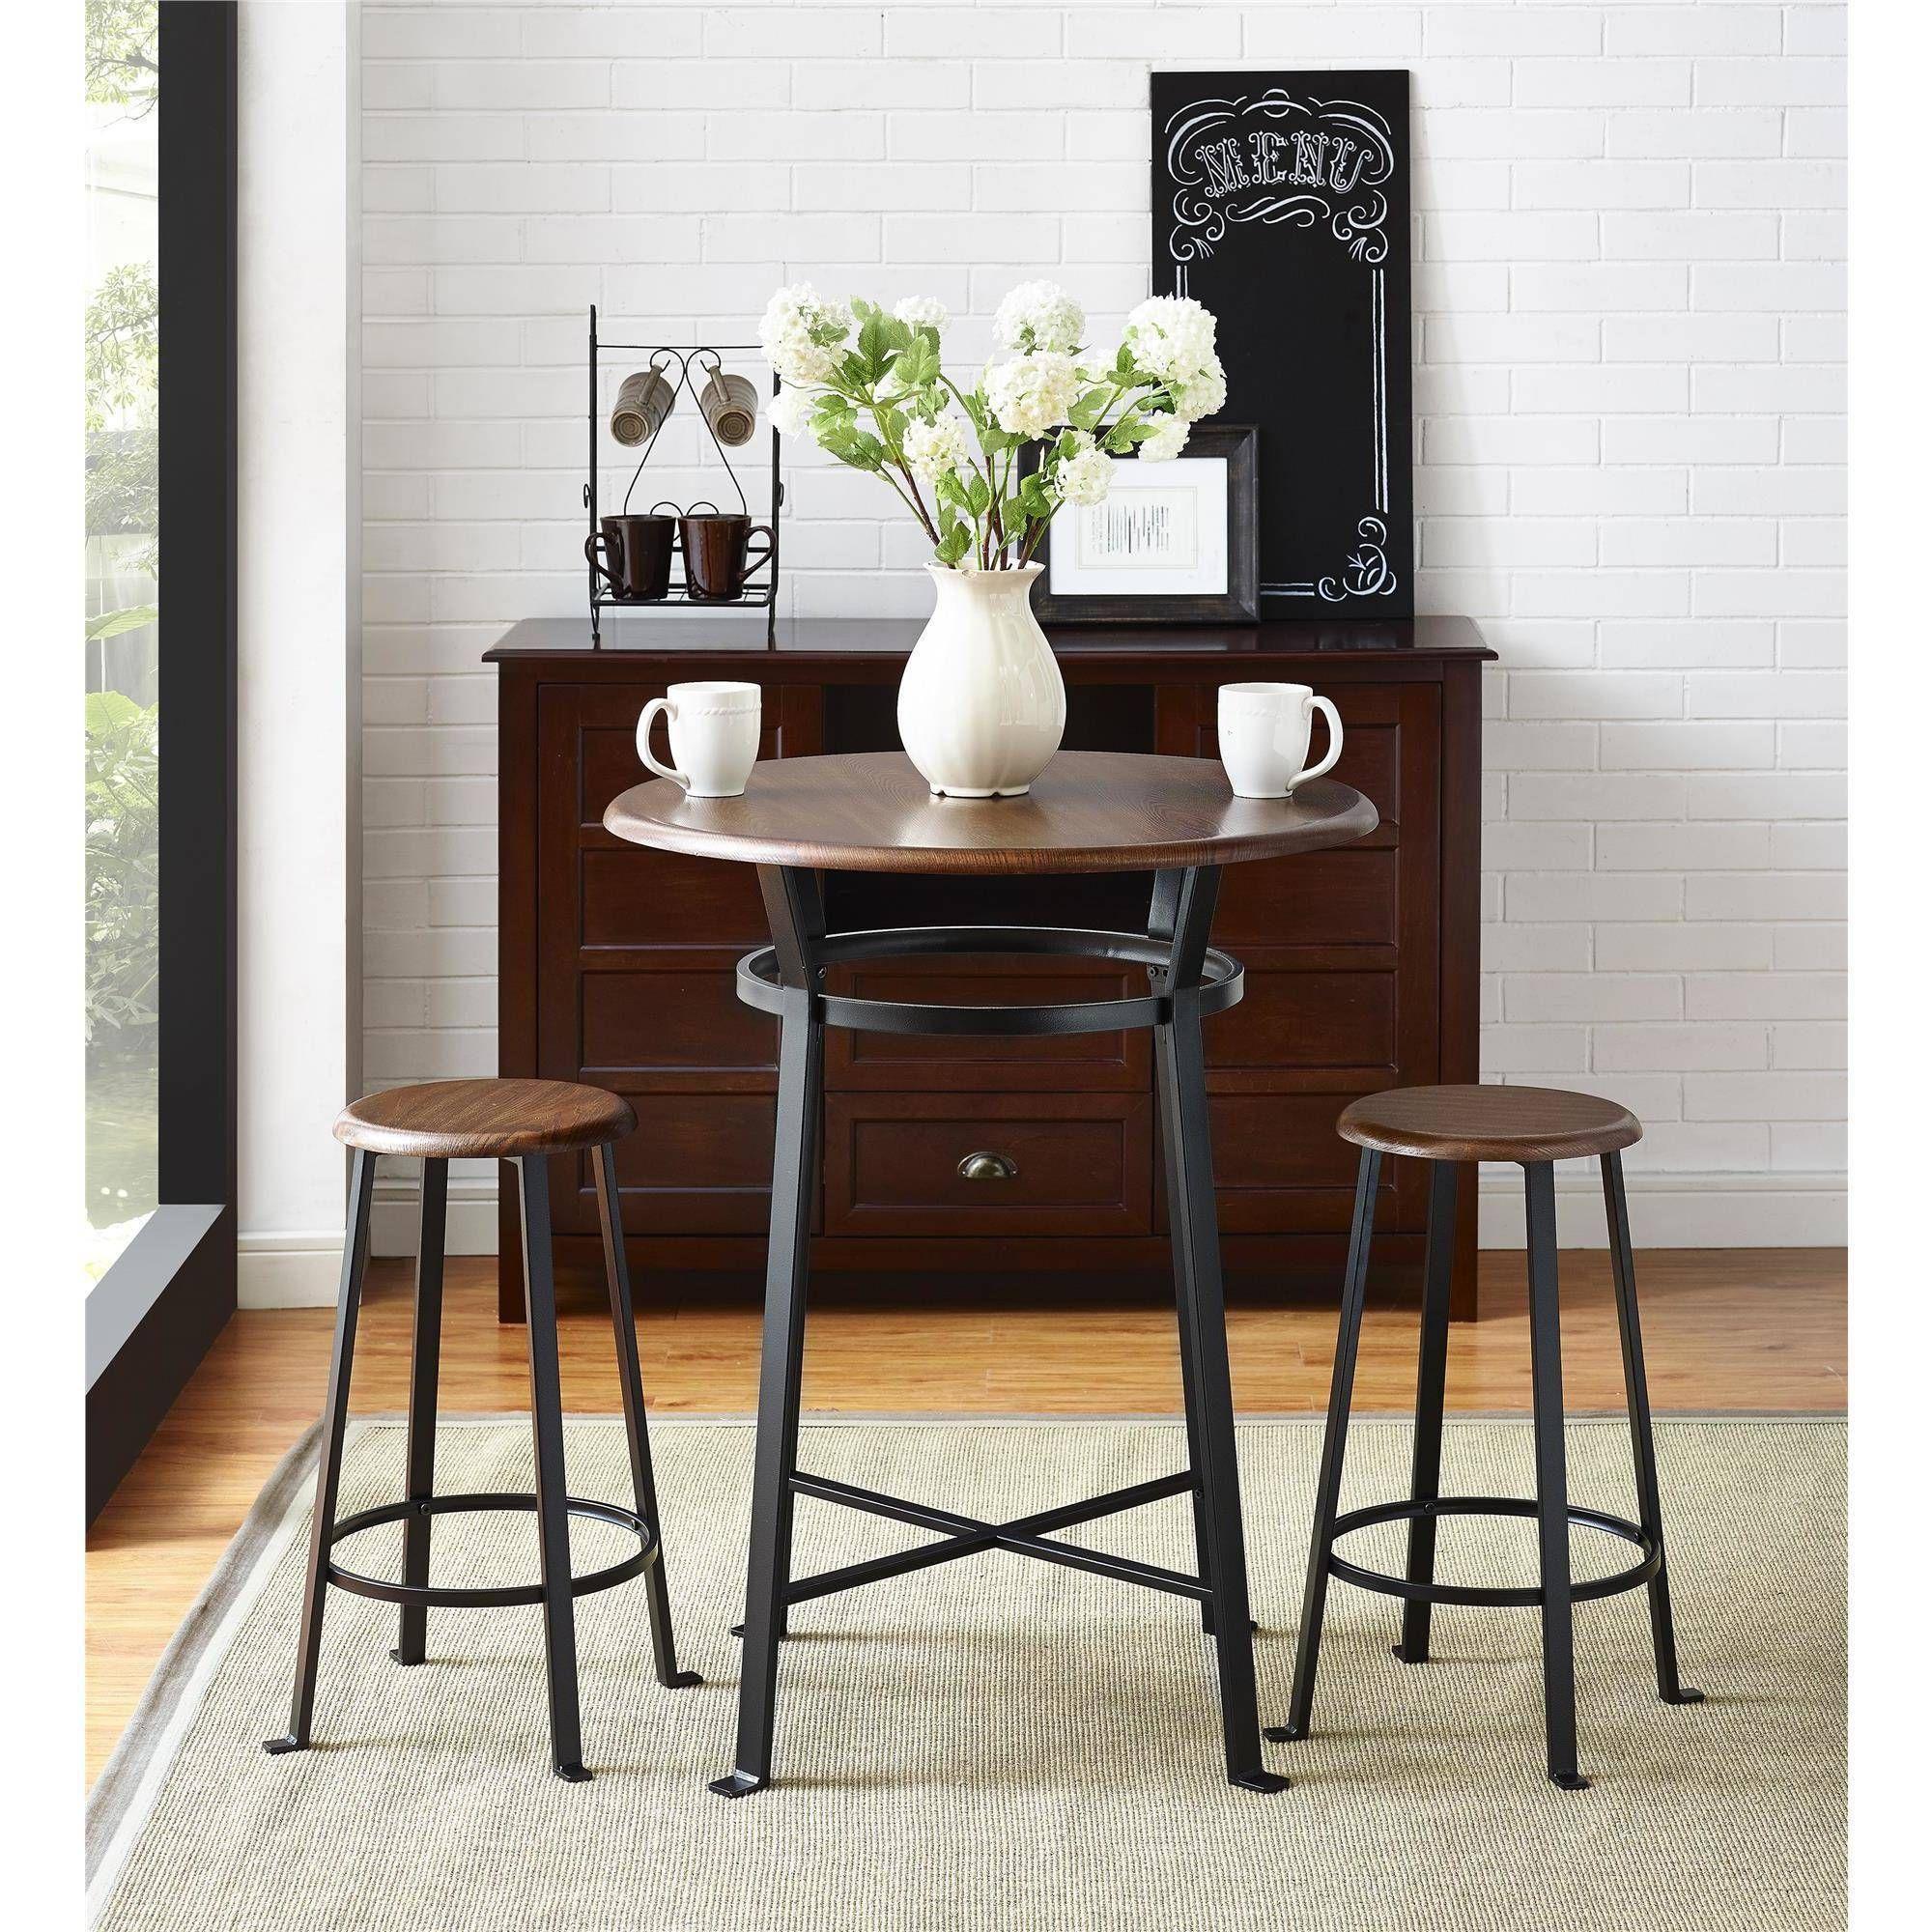 Stühle Für Esstisch   Pub table sets, Pub style table, Bar table sets